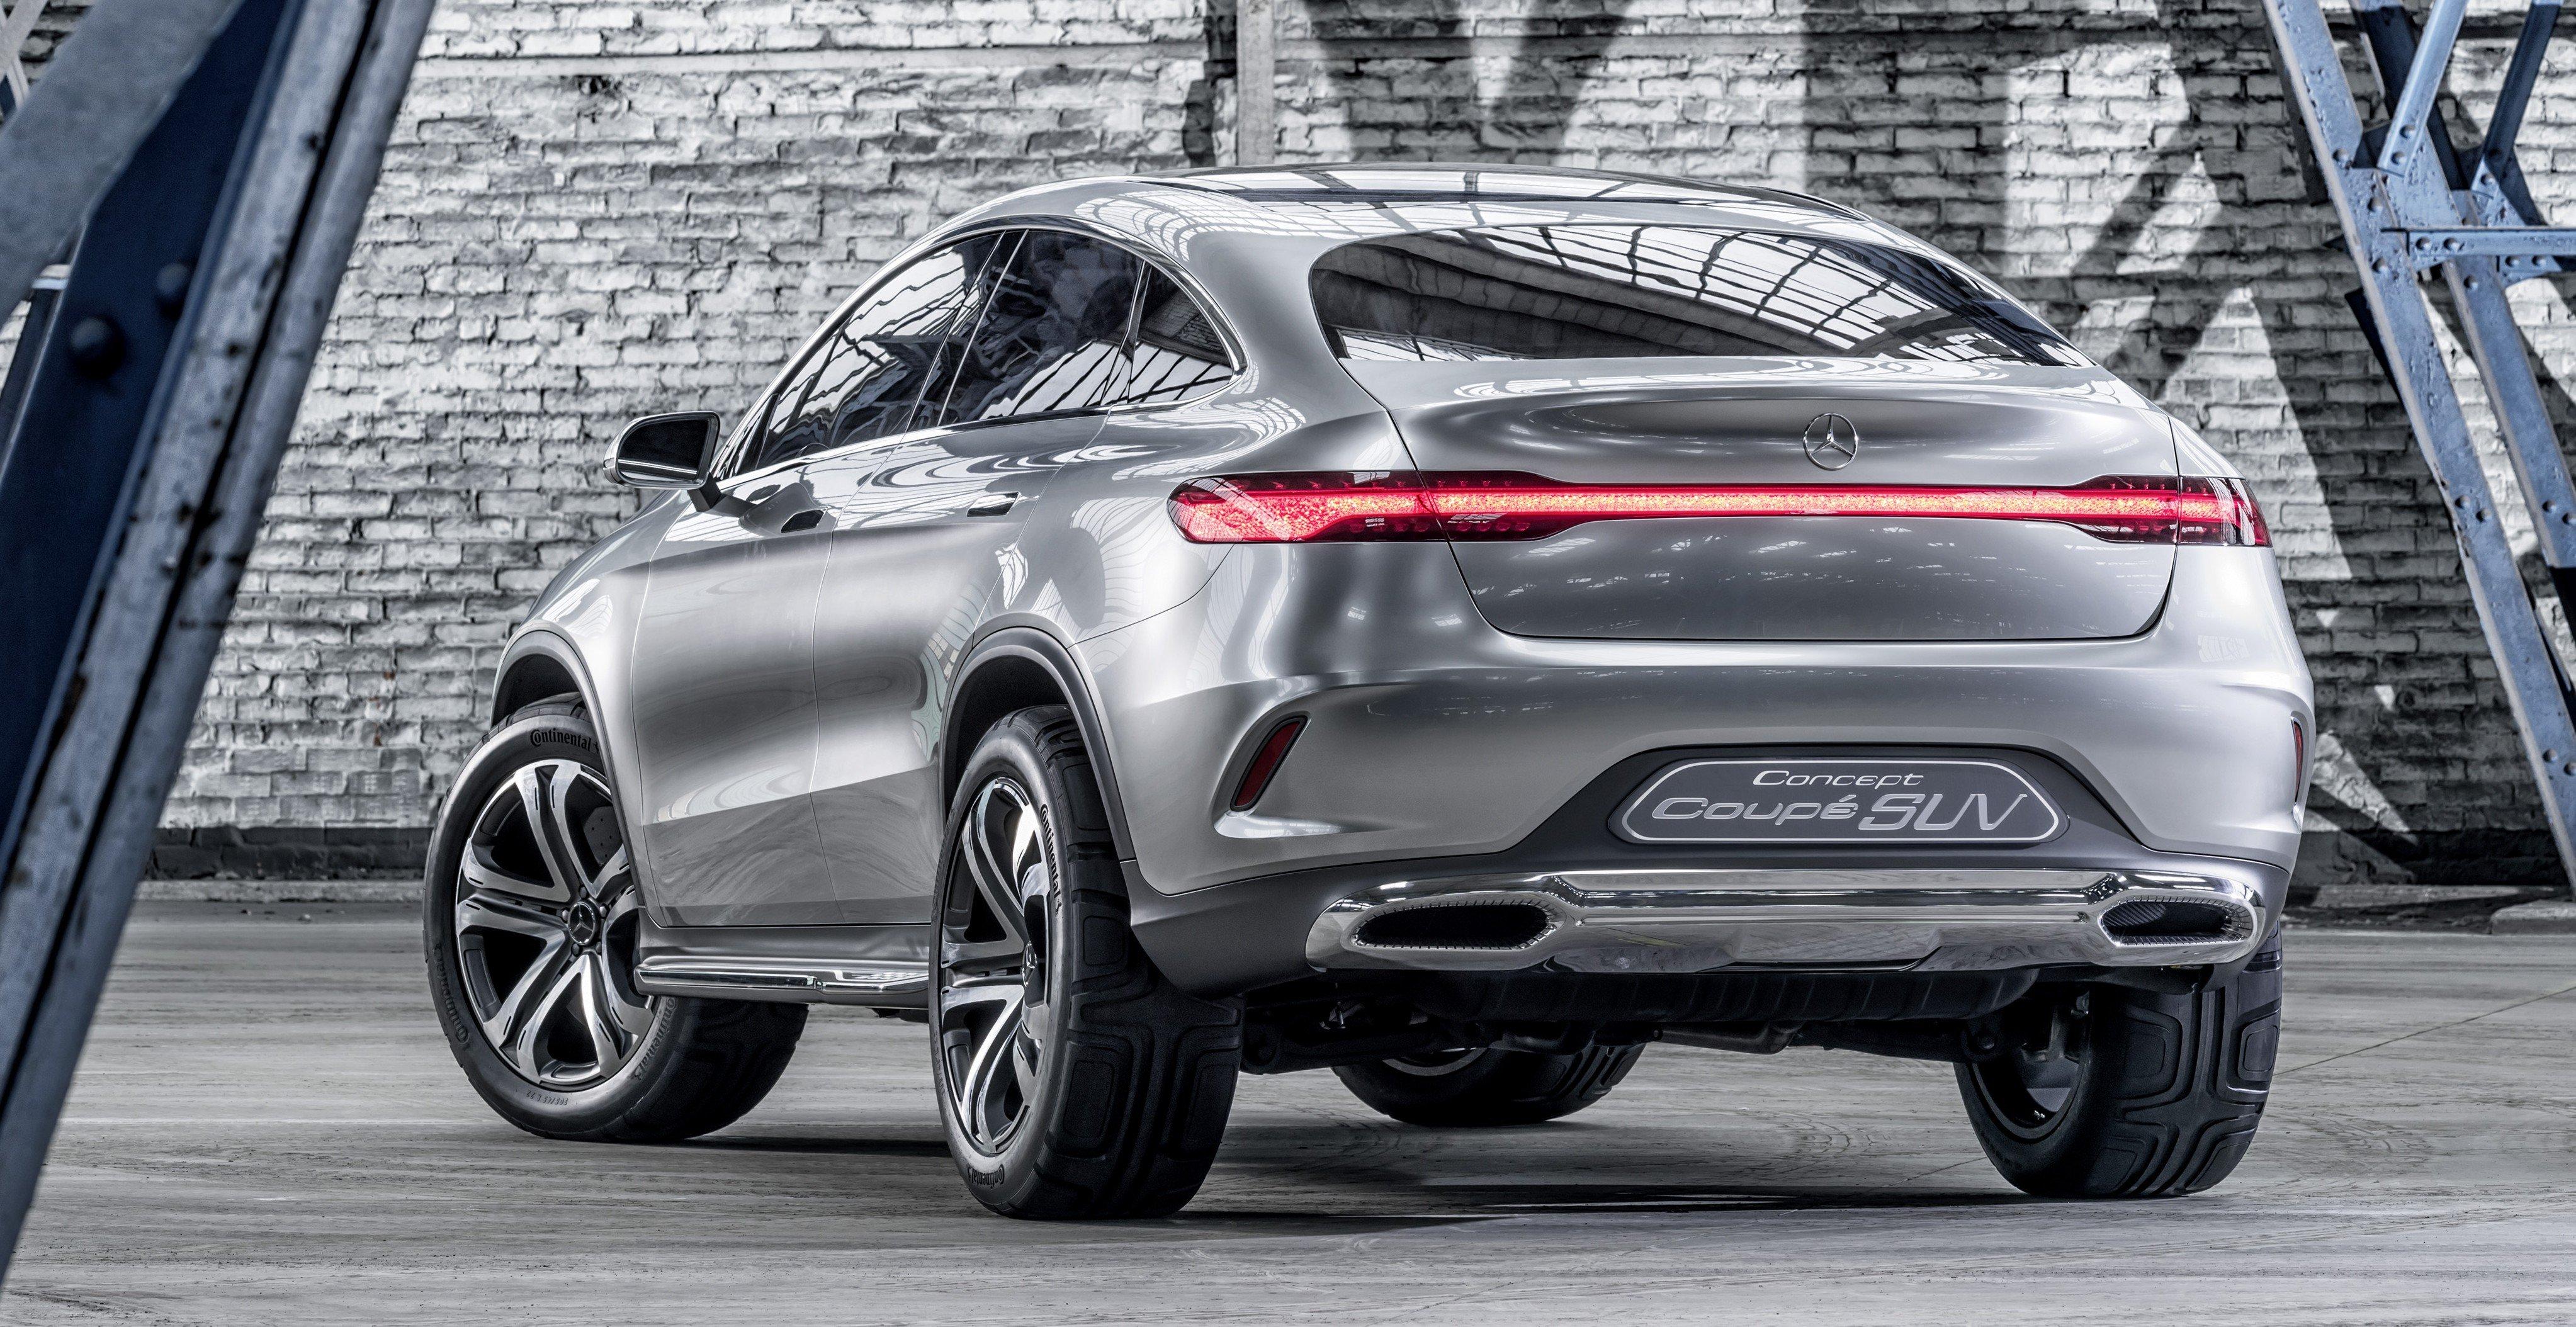 Mercedes benz coupe suv concept previews x6 rival image 242561 for Mercedes benz concept coupe suv interior